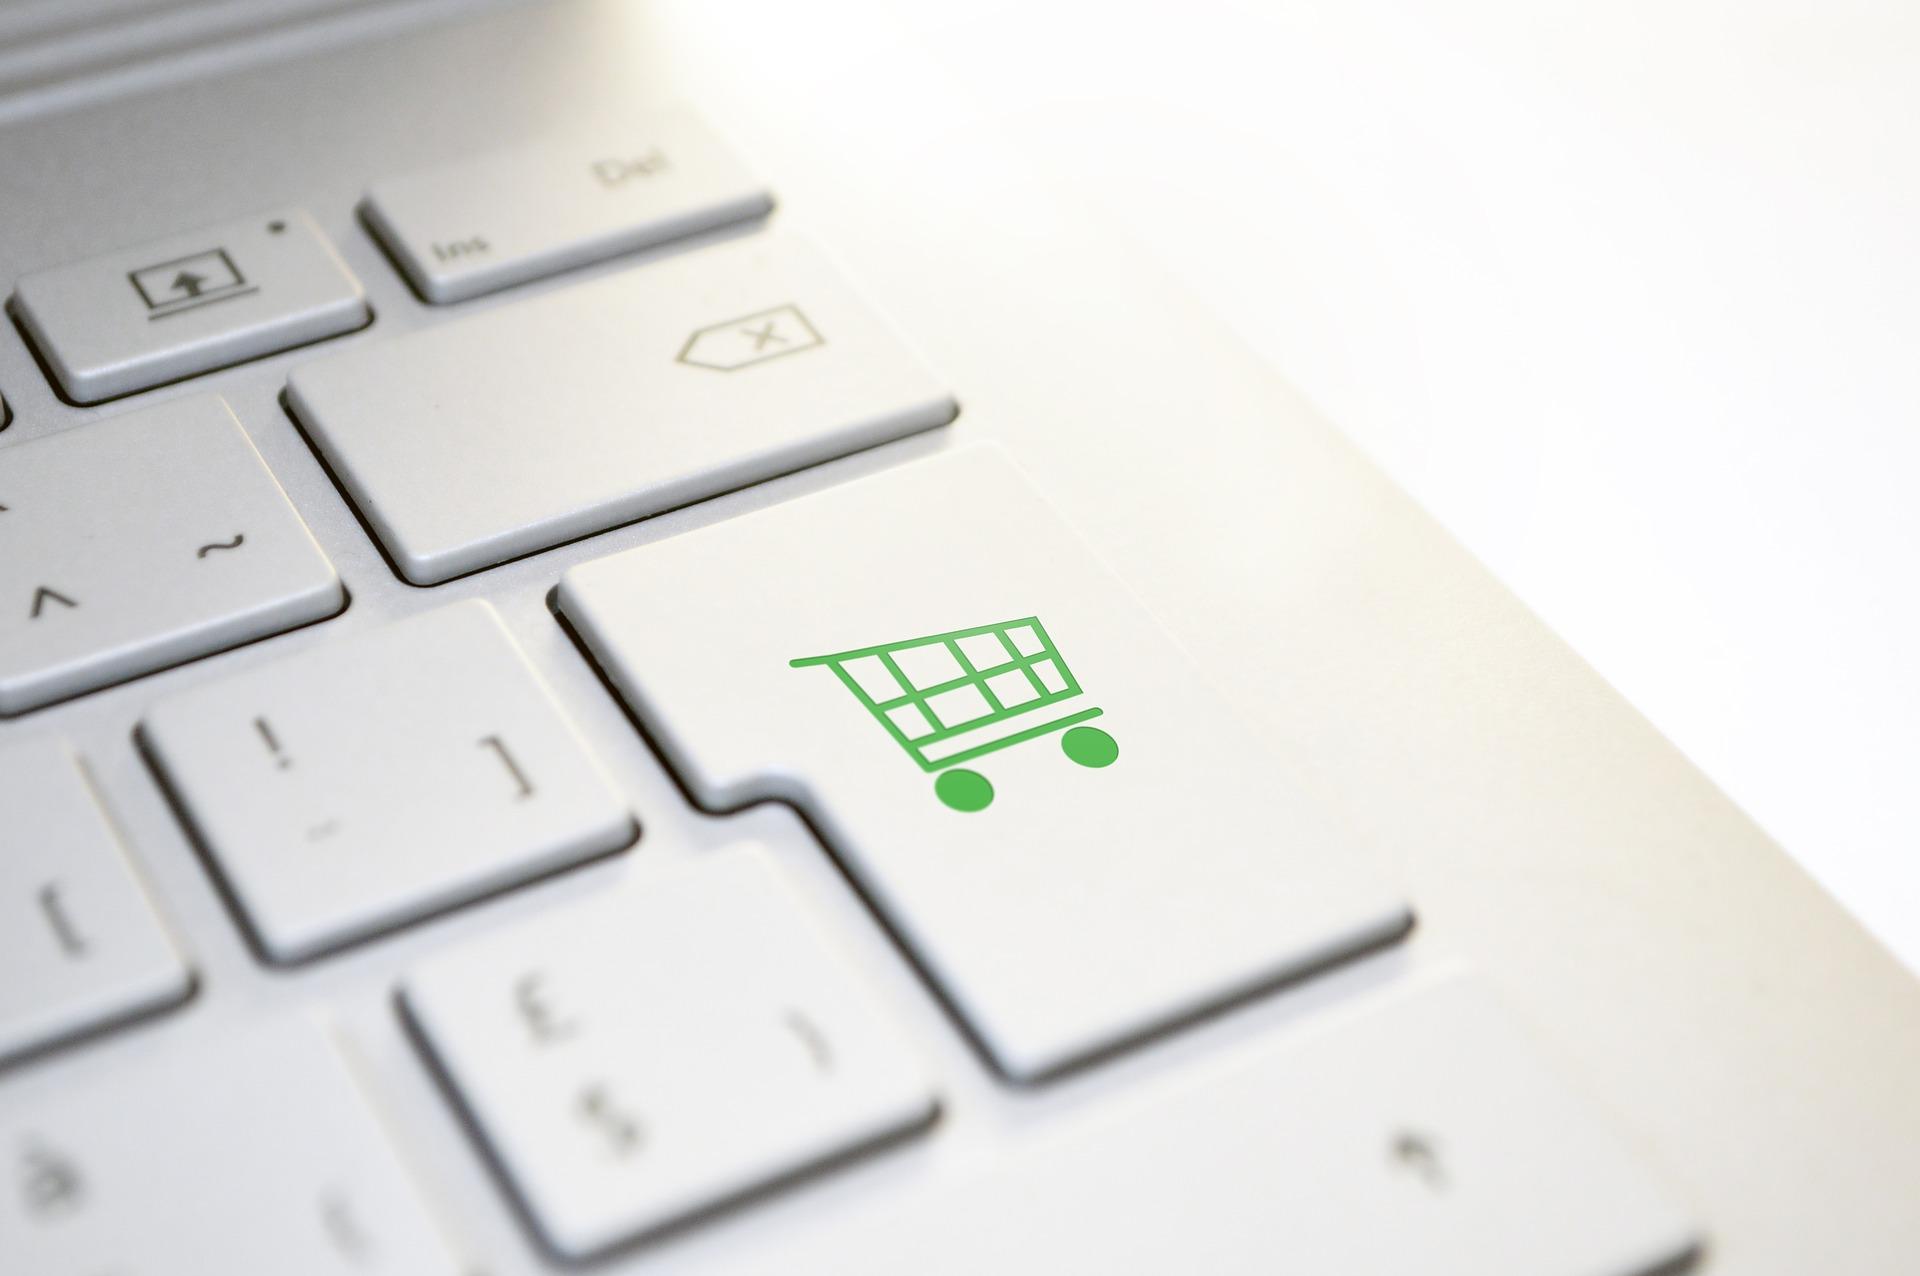 Sprzedawca oszukał cię online? Odzyskaj swoje pieniądze!